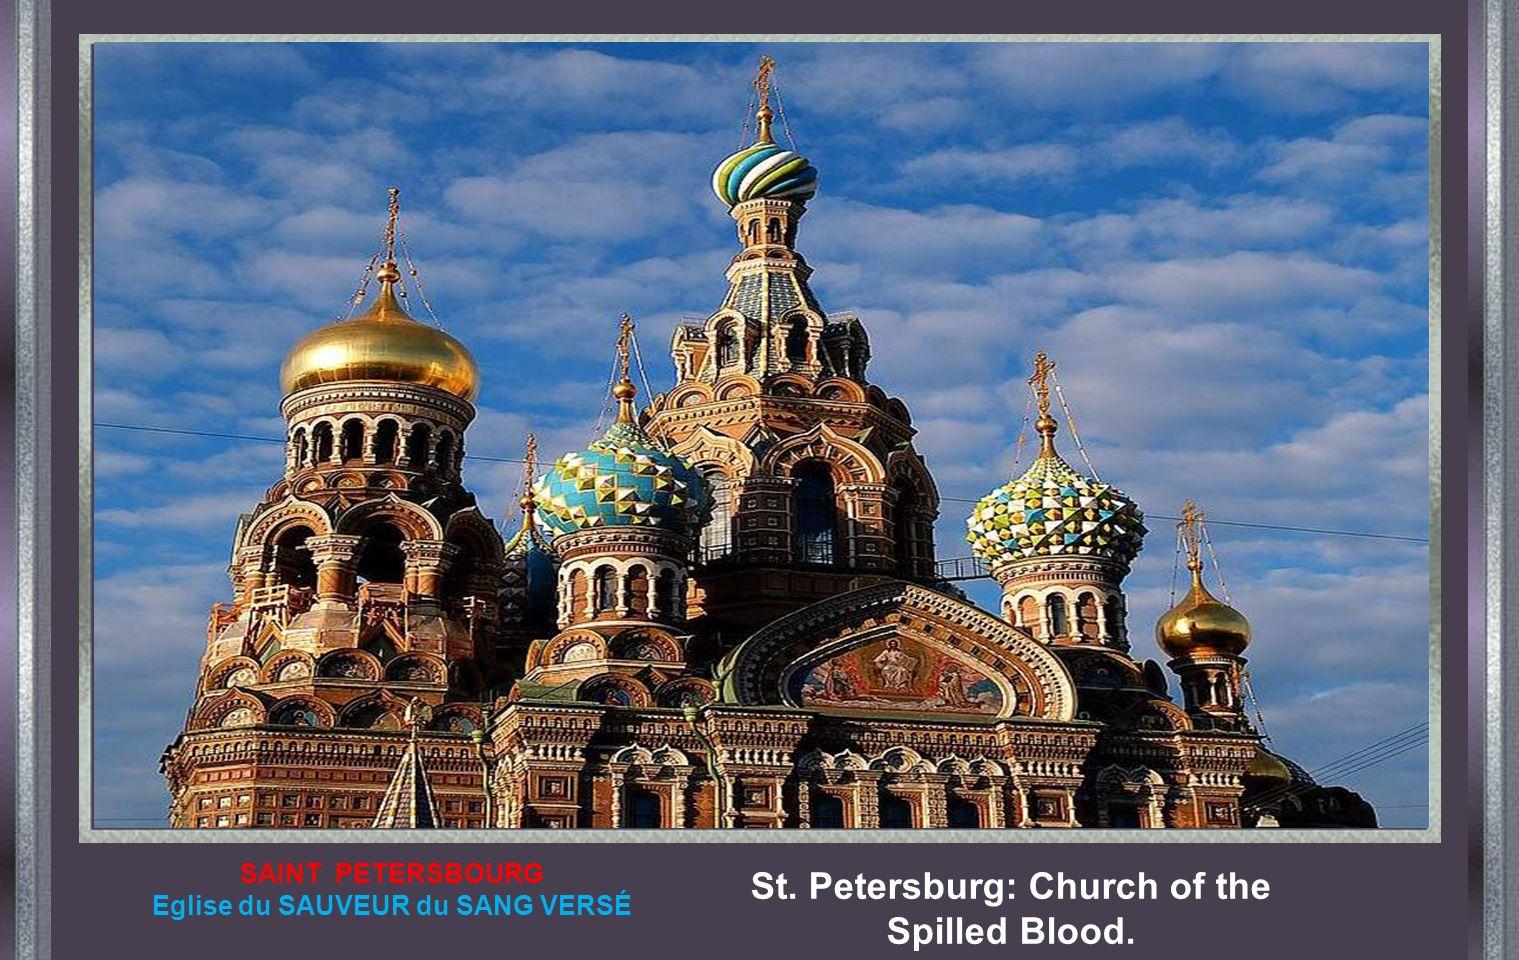 SAINT PETERSBOURG Eglise du SAUVEUR du SANG VERSÉ St. Petersburg: Church of the Spilled Blood.